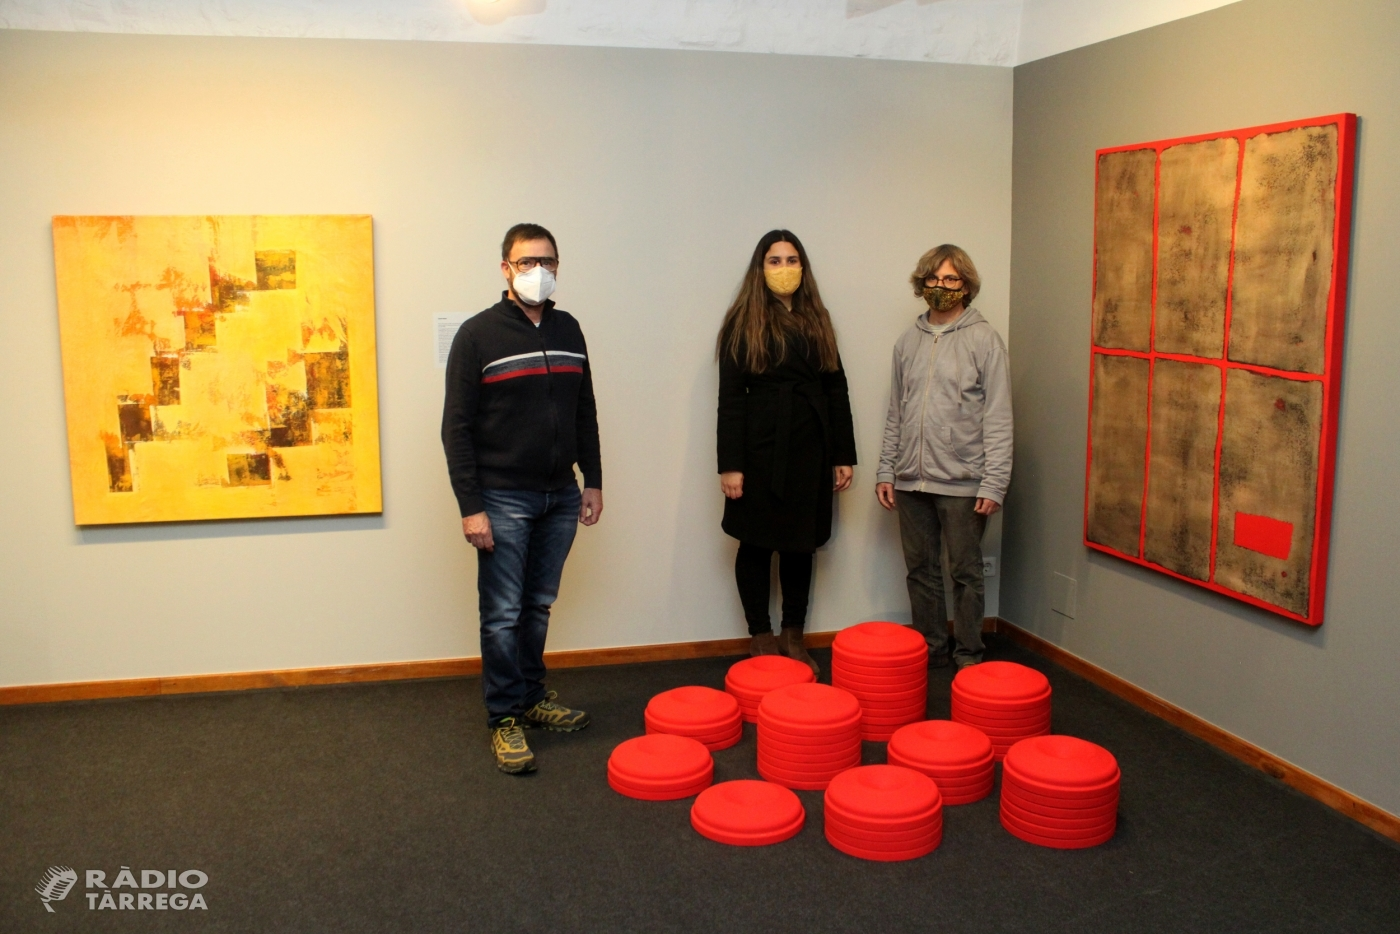 Una vintena d'artistes homenatgen a títol pòstum la galerista Alba Vilamajó mitjançant una mostra col·lectiva al Museu Tàrrega Urgell